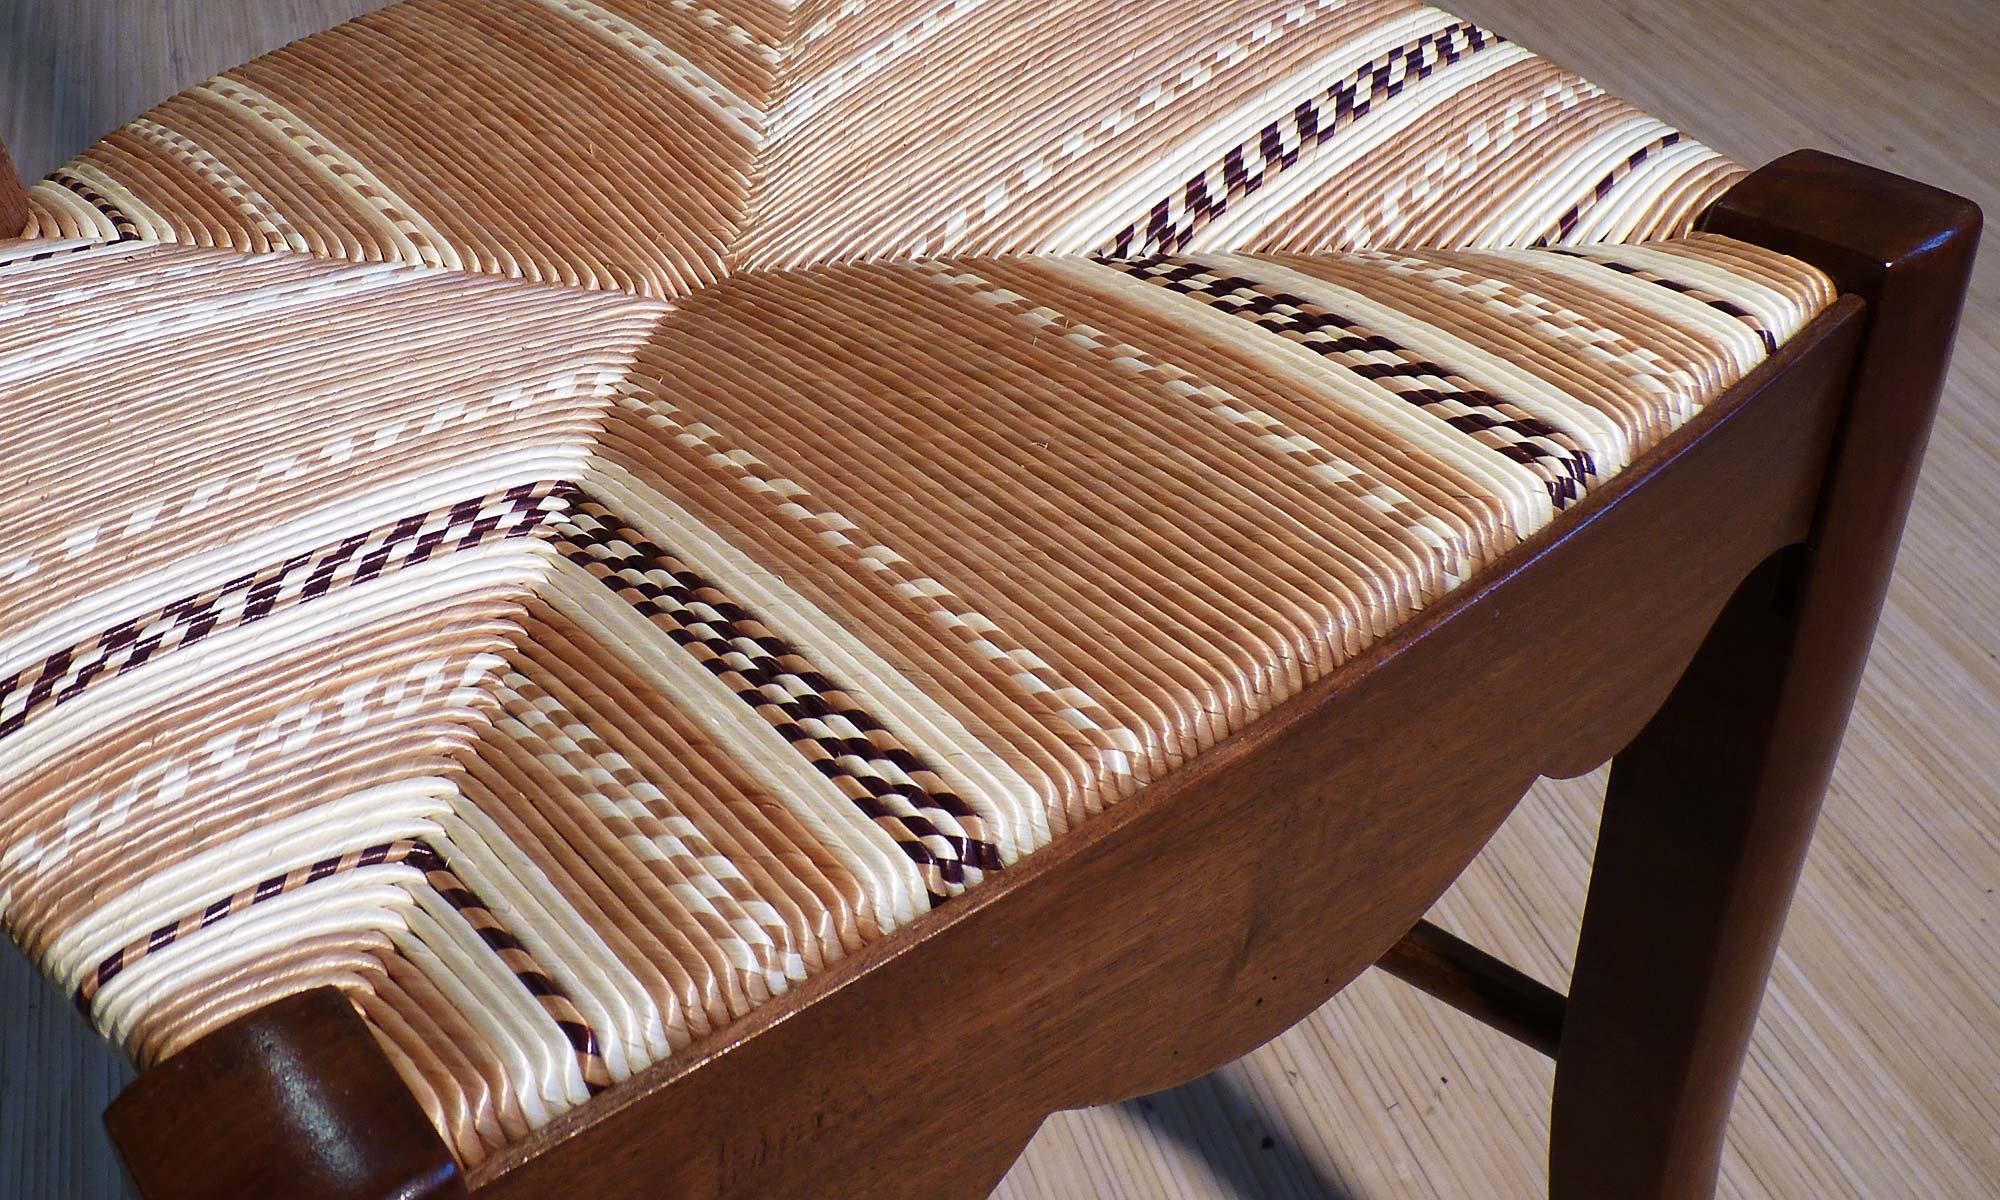 Rempaillage ma tre rempailleur - Comment refaire l assise d une chaise ...